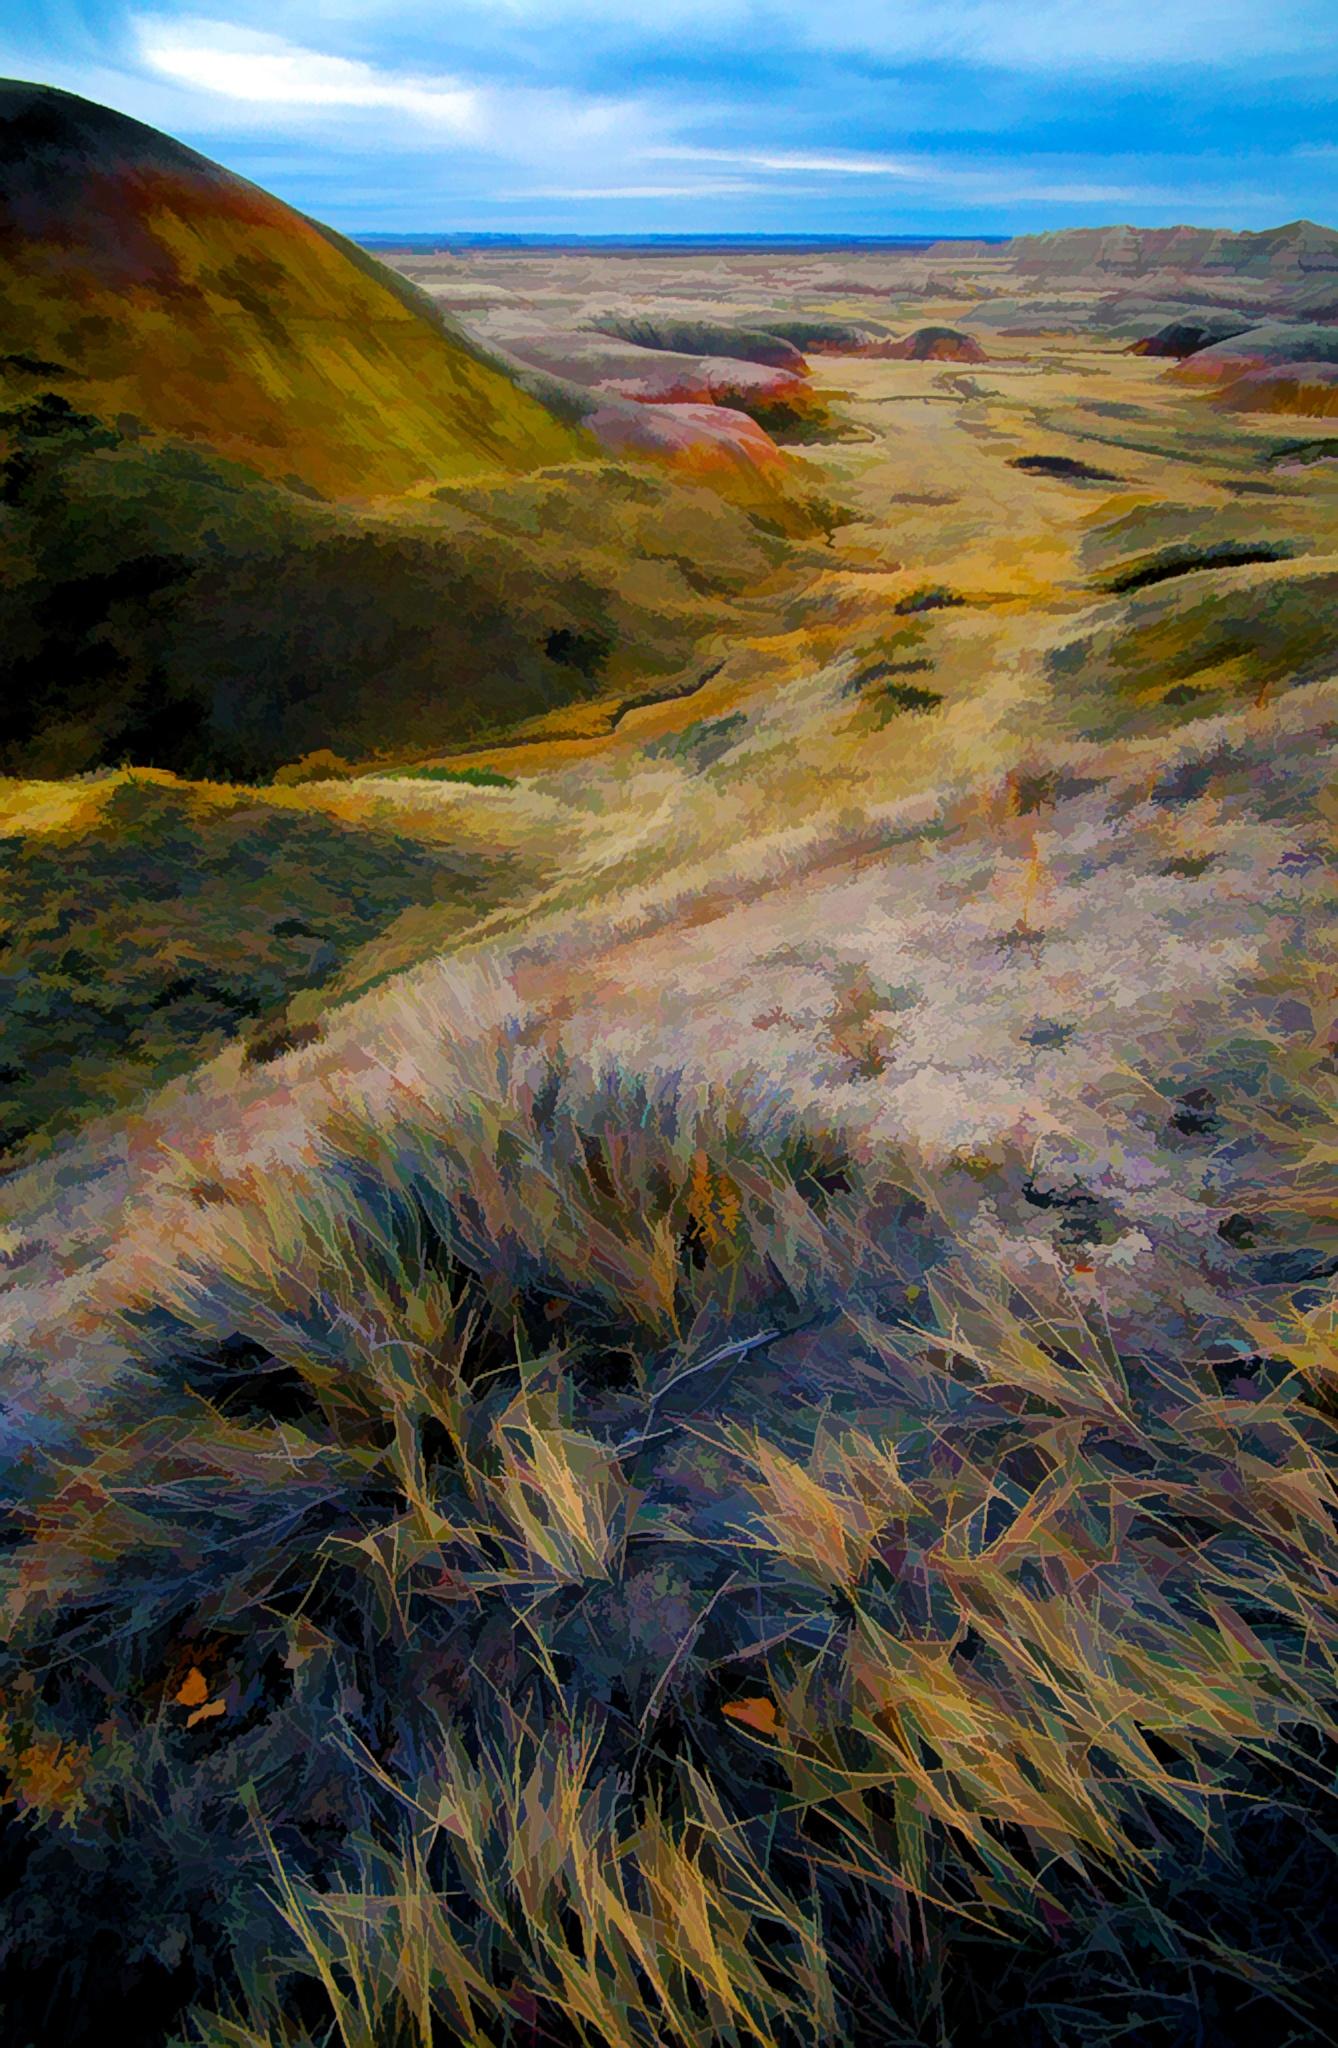 Badlands Render IV by JohnEllingson